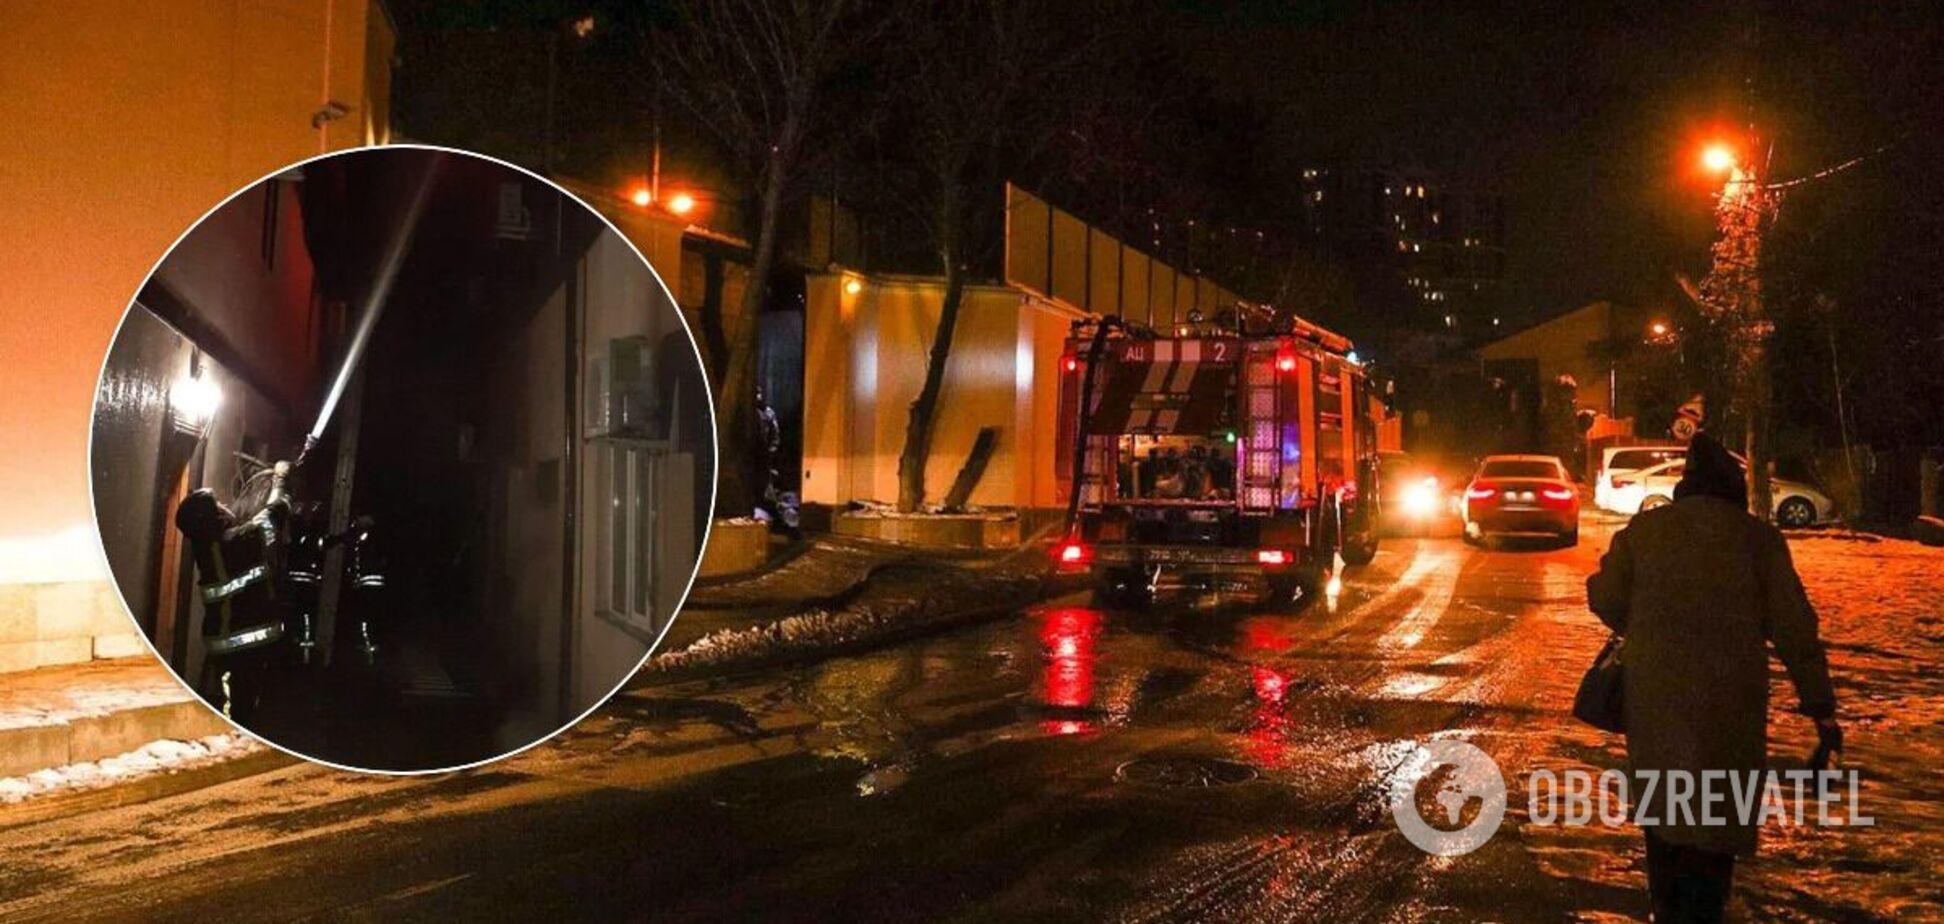 Пожар в одесской гостинице: количество жертв увеличилось